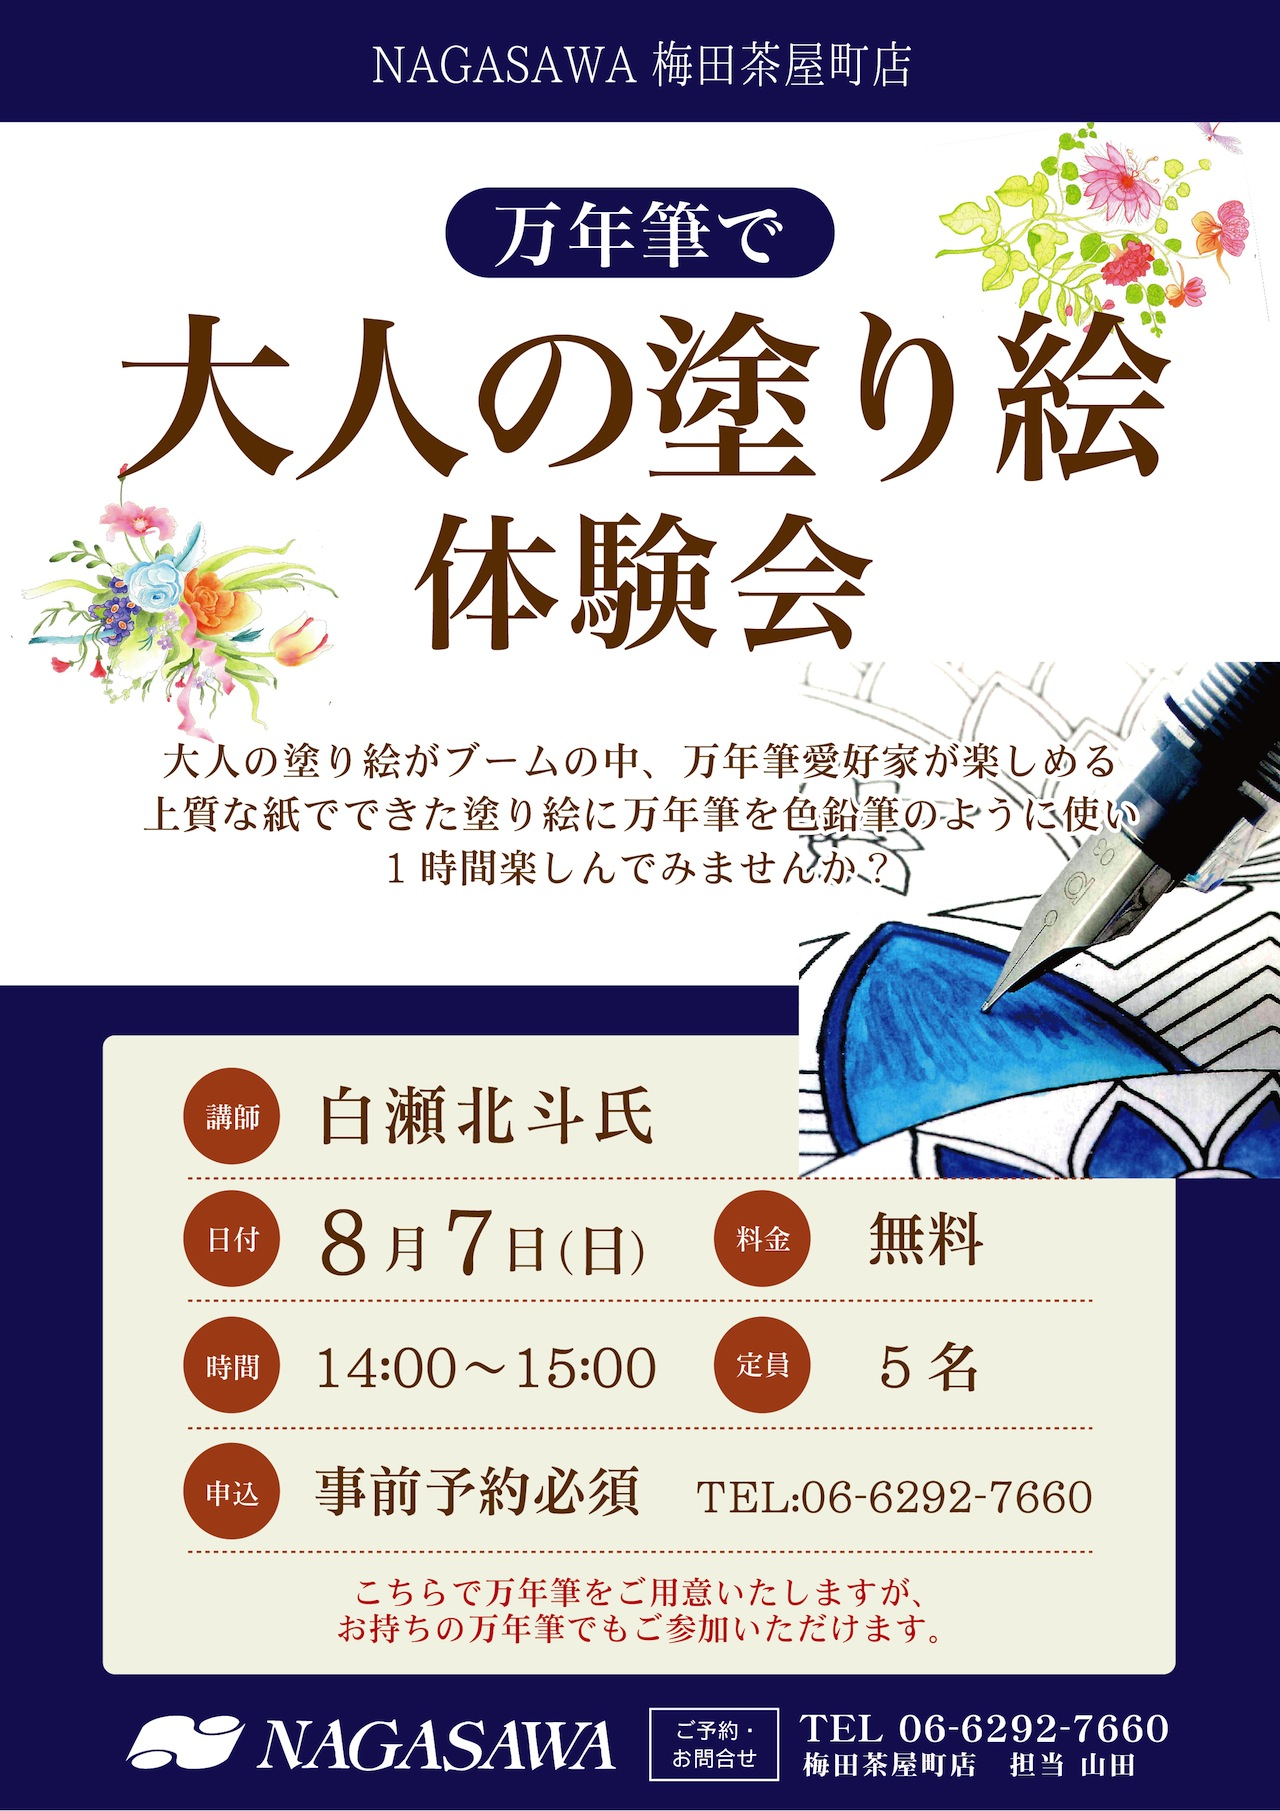 万年筆で大人の塗り絵 体験会 @NAGASAWA梅田茶屋町店